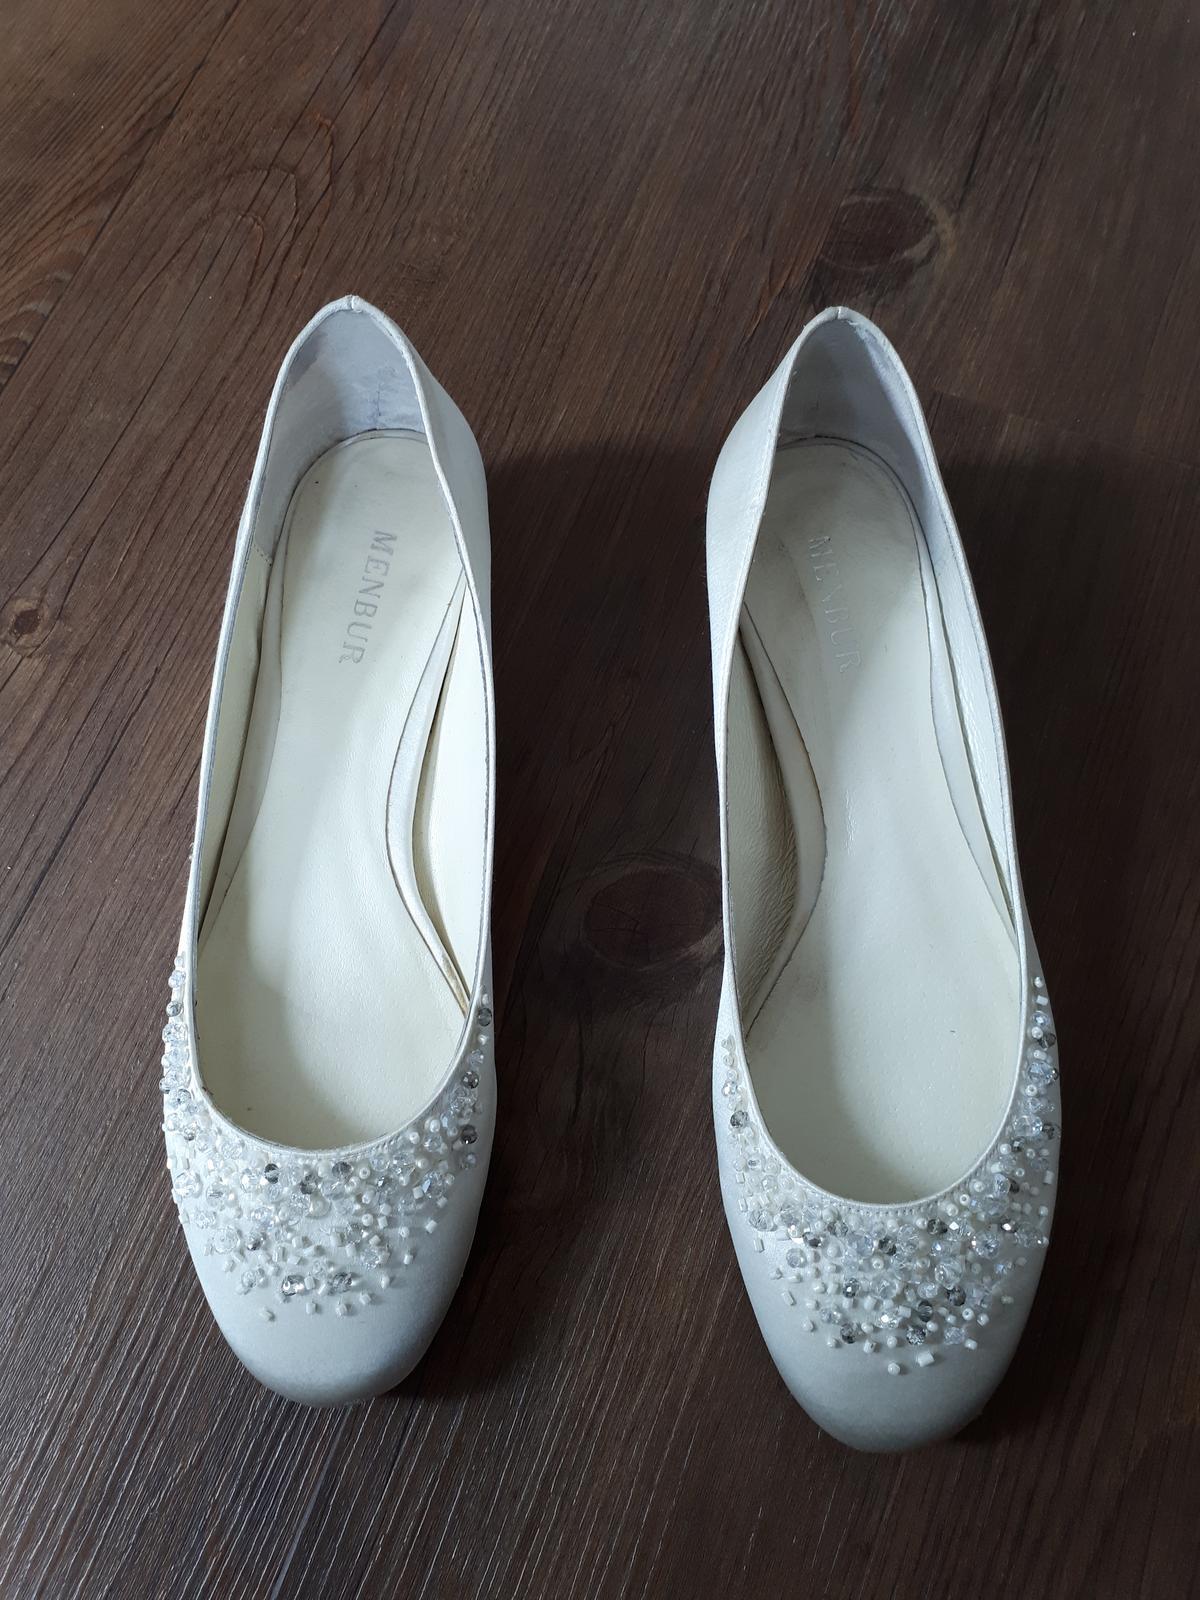 Svatební boty - balerinky - Obrázek č. 1